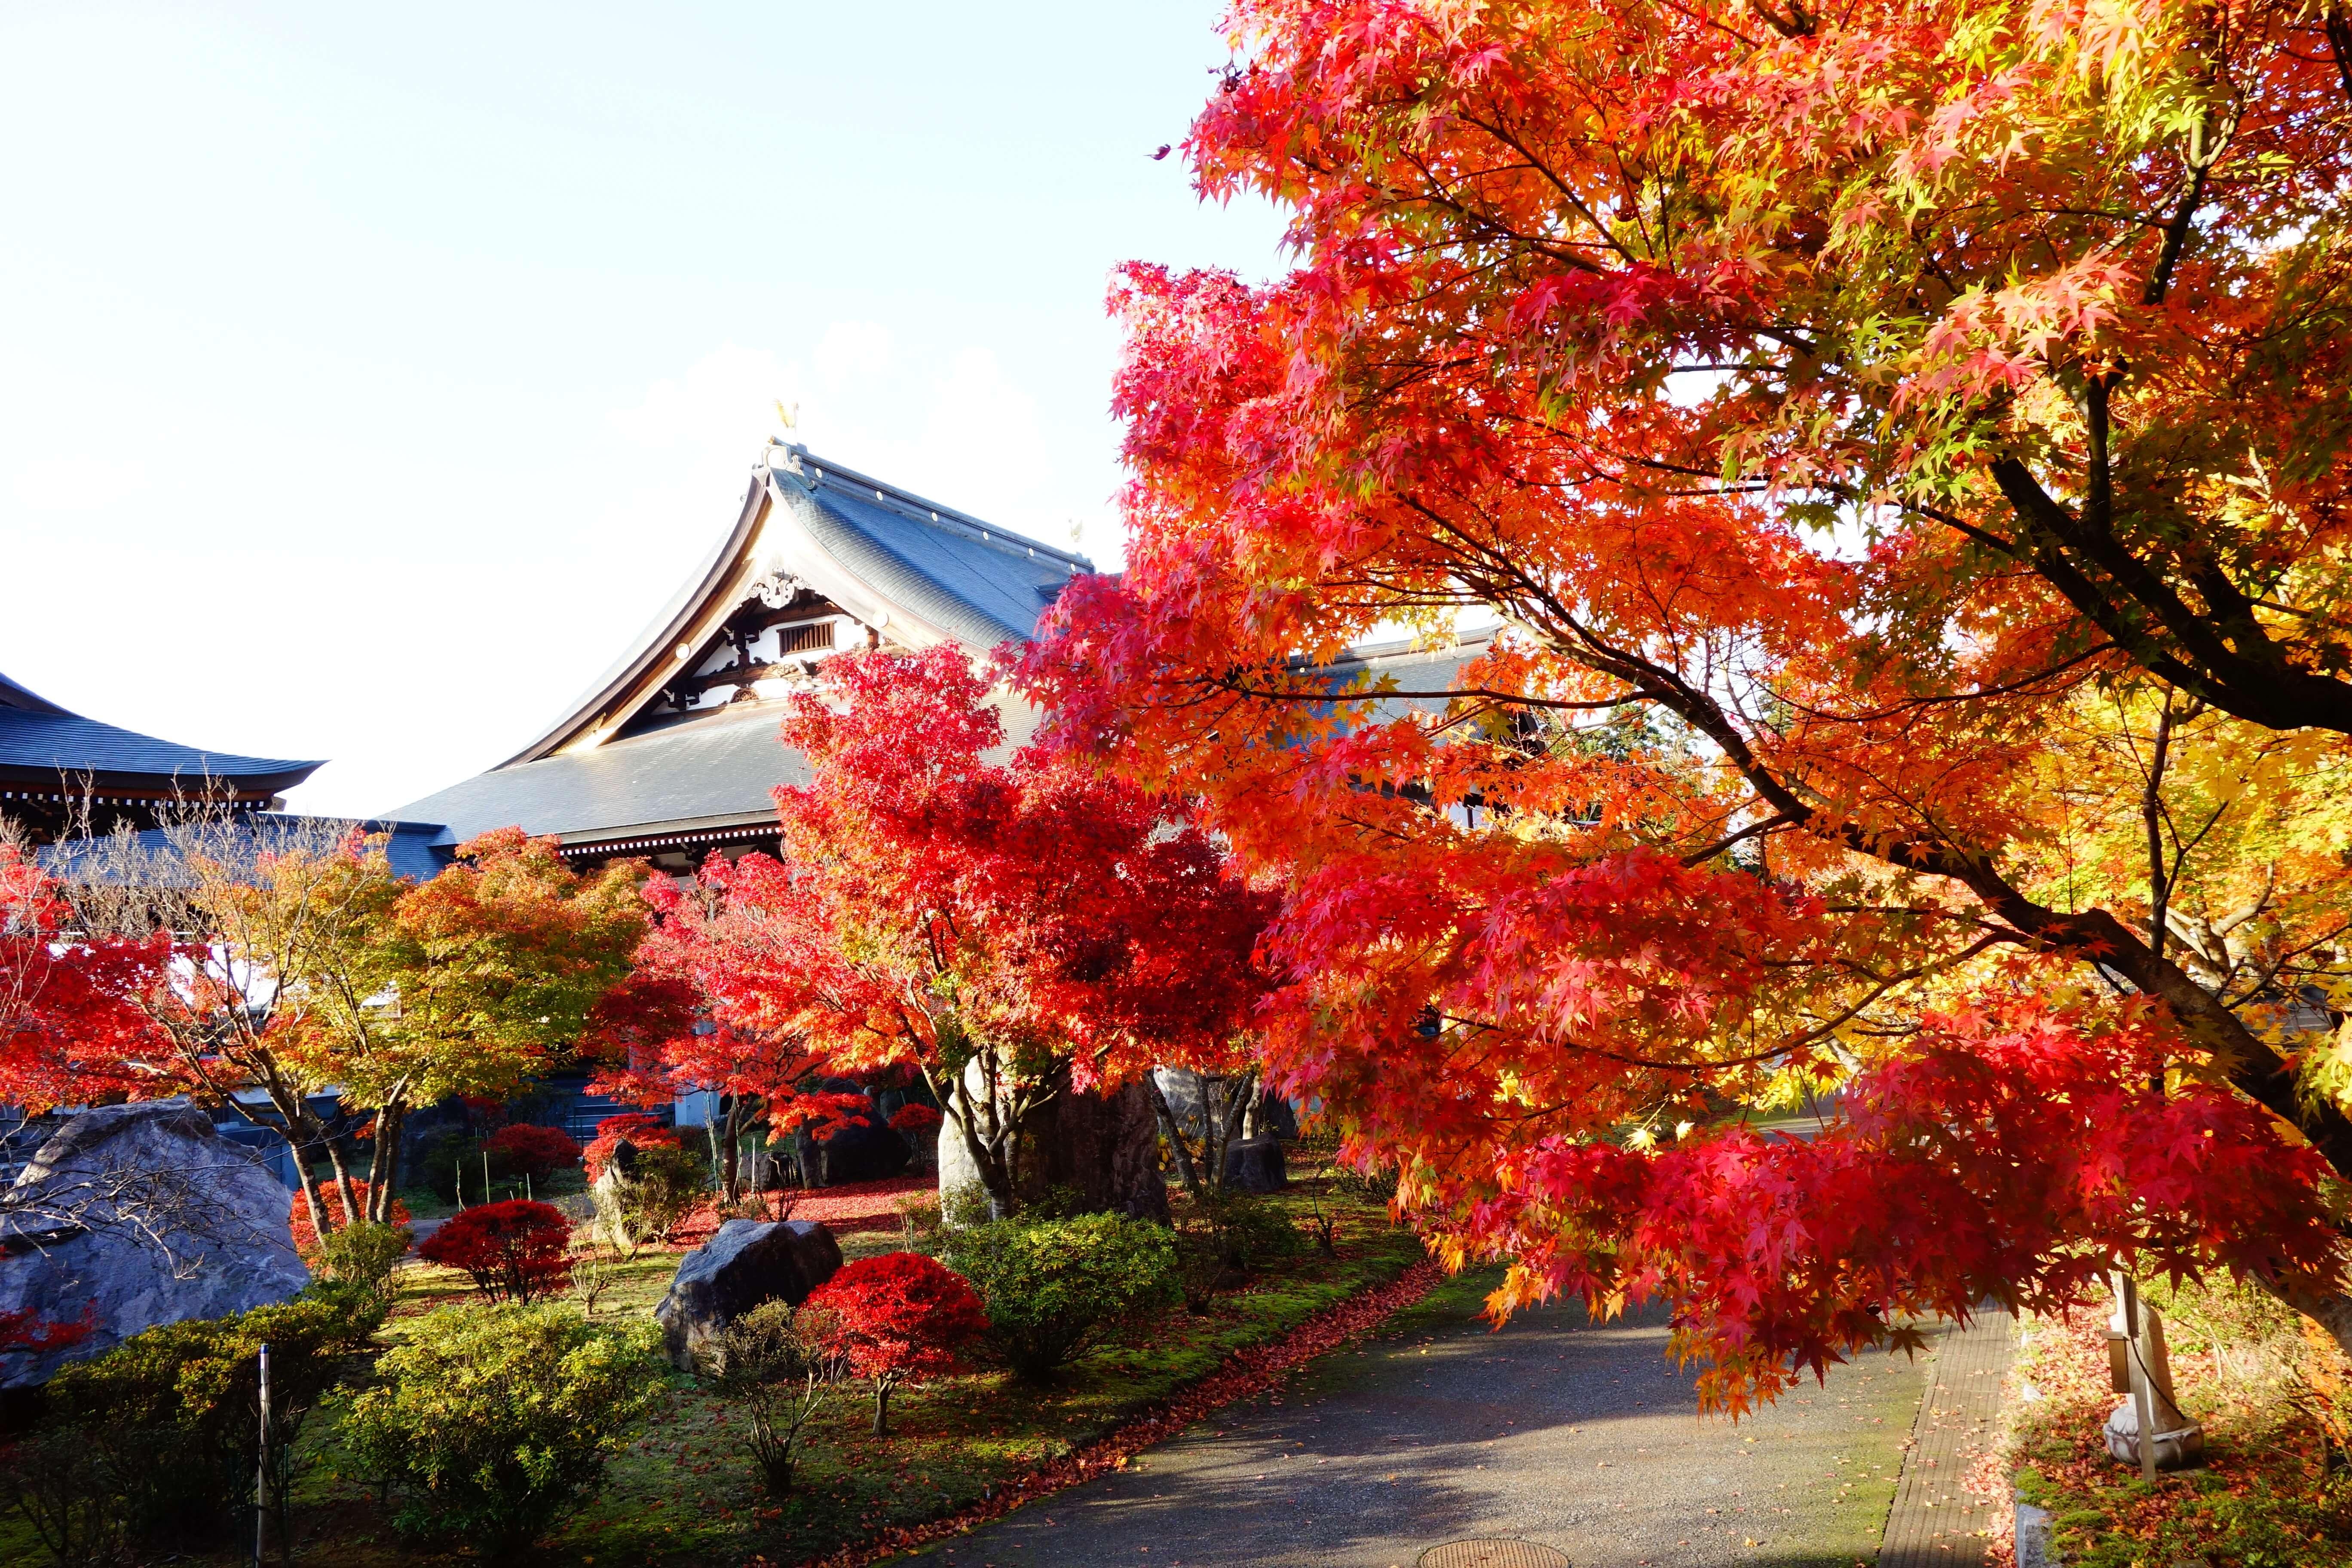 俱利伽羅不動寺|石川県の紅葉スポット!かほく市にある北陸屈指の紅葉の名所